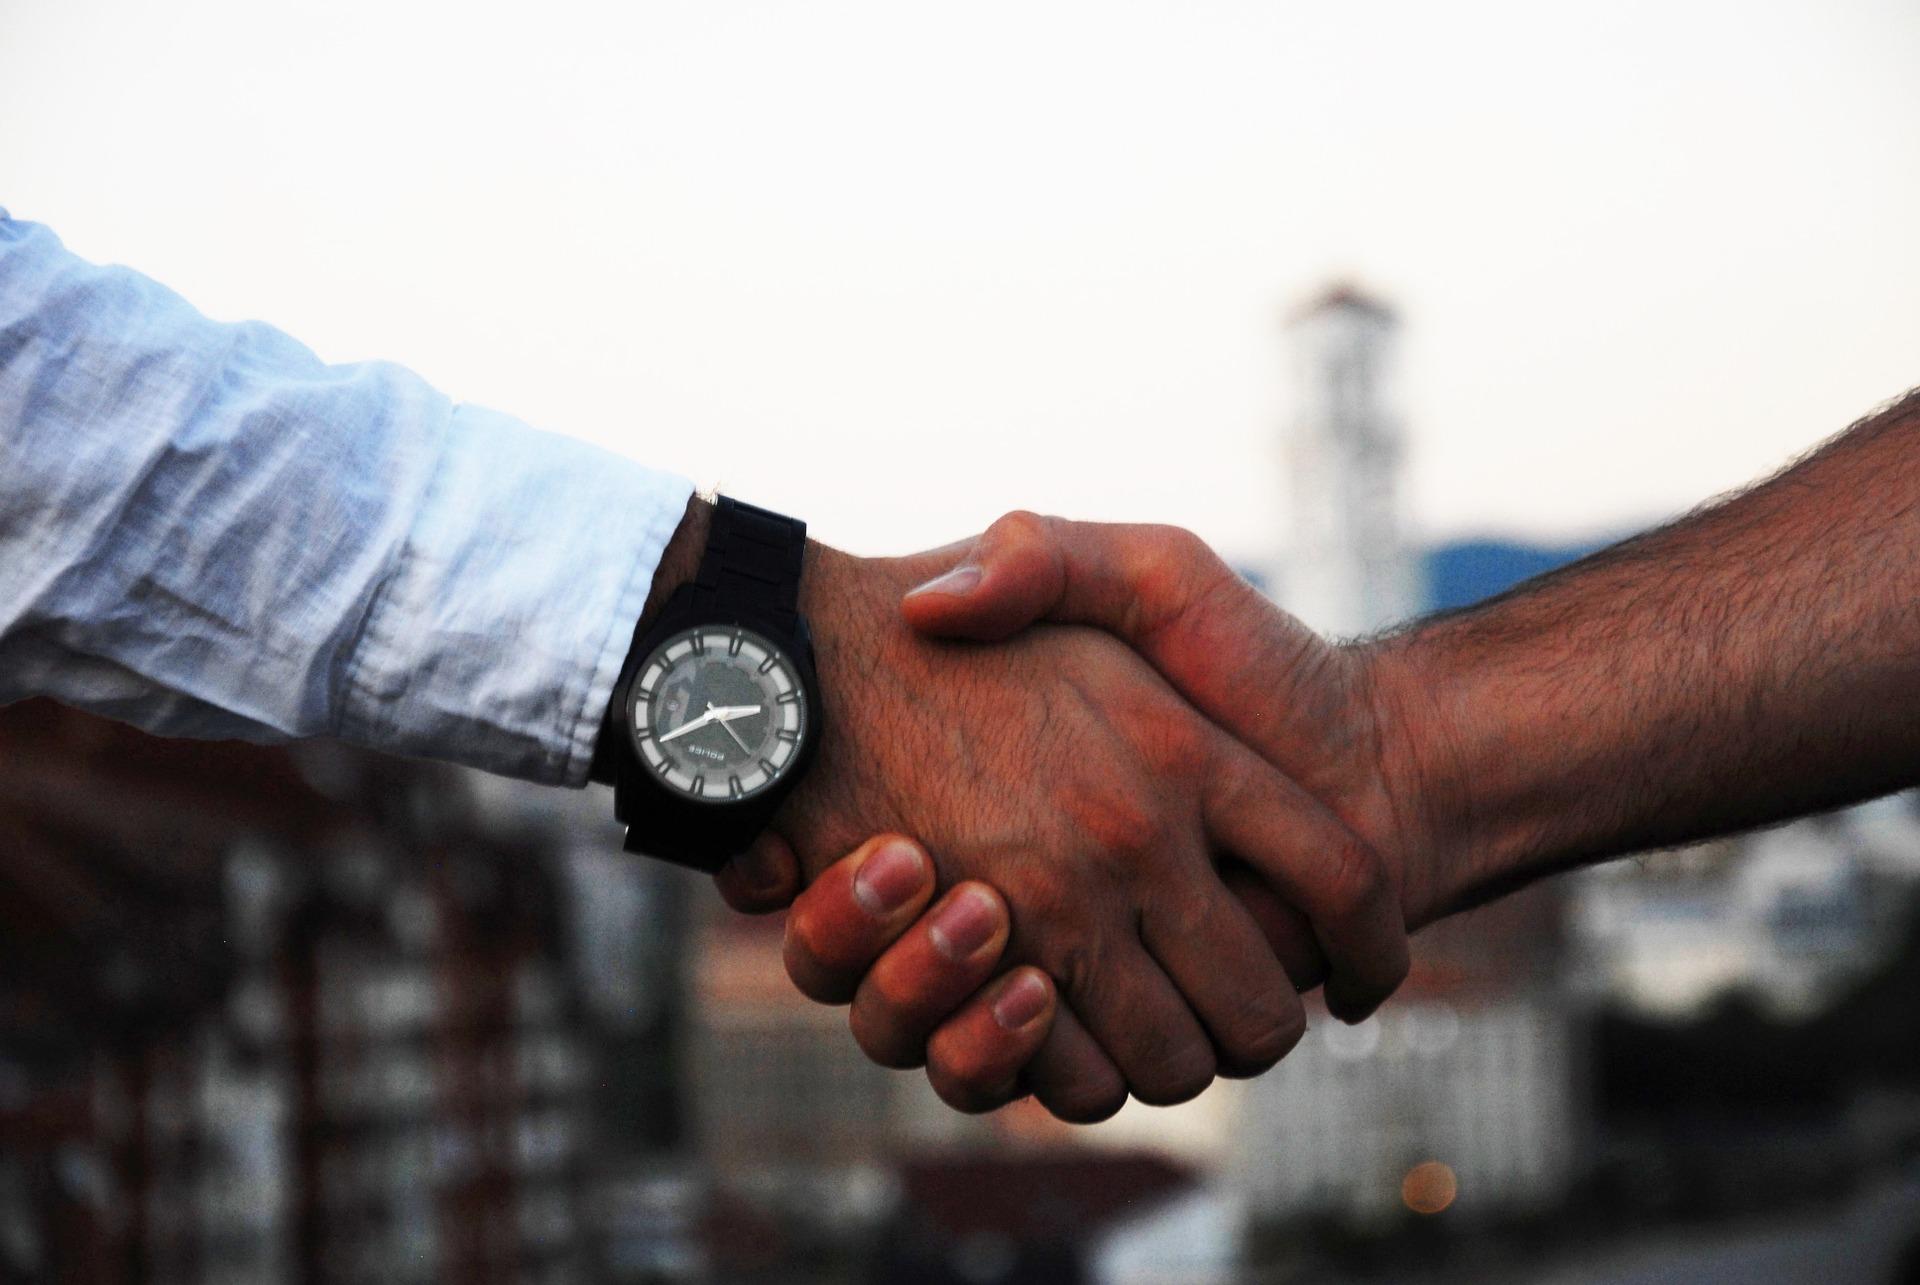 handshake-1513228_1920.jpg